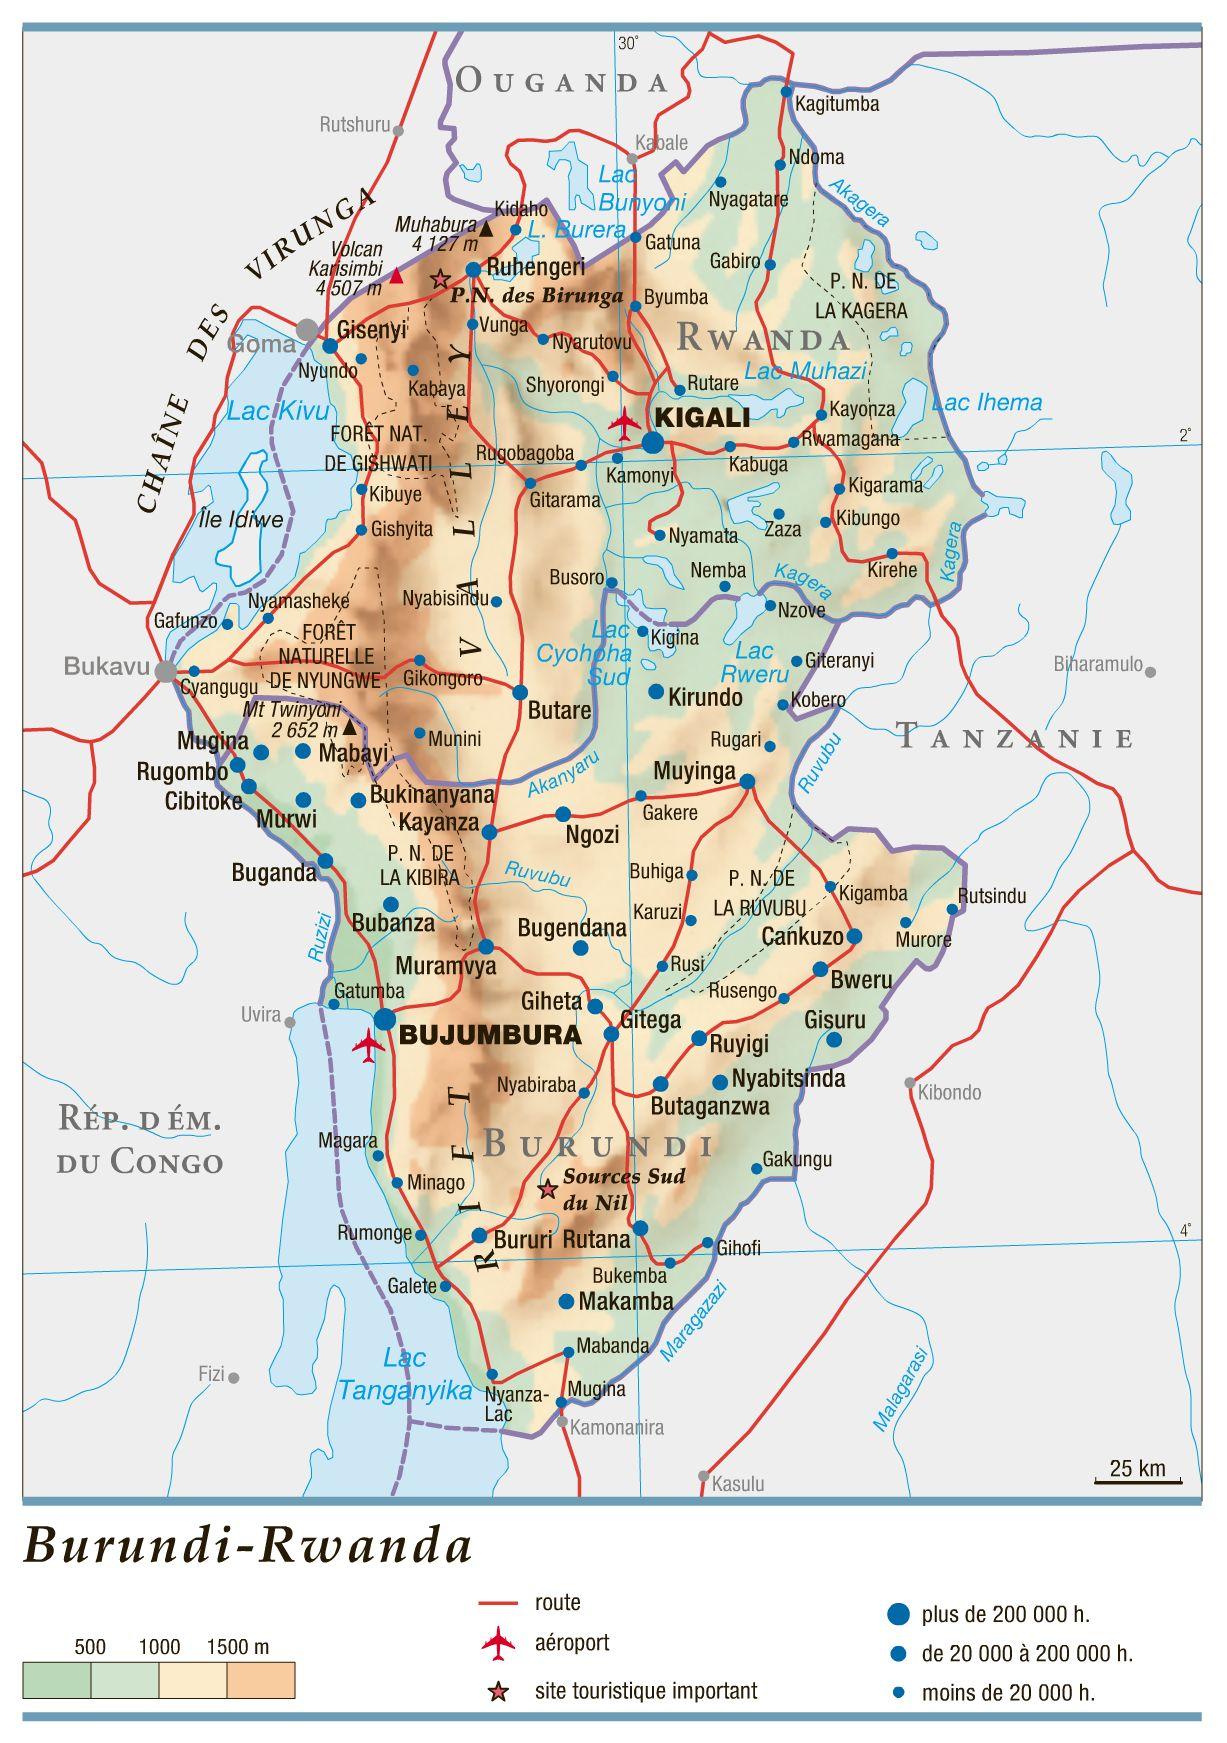 Burundi-Rwanda_topographie